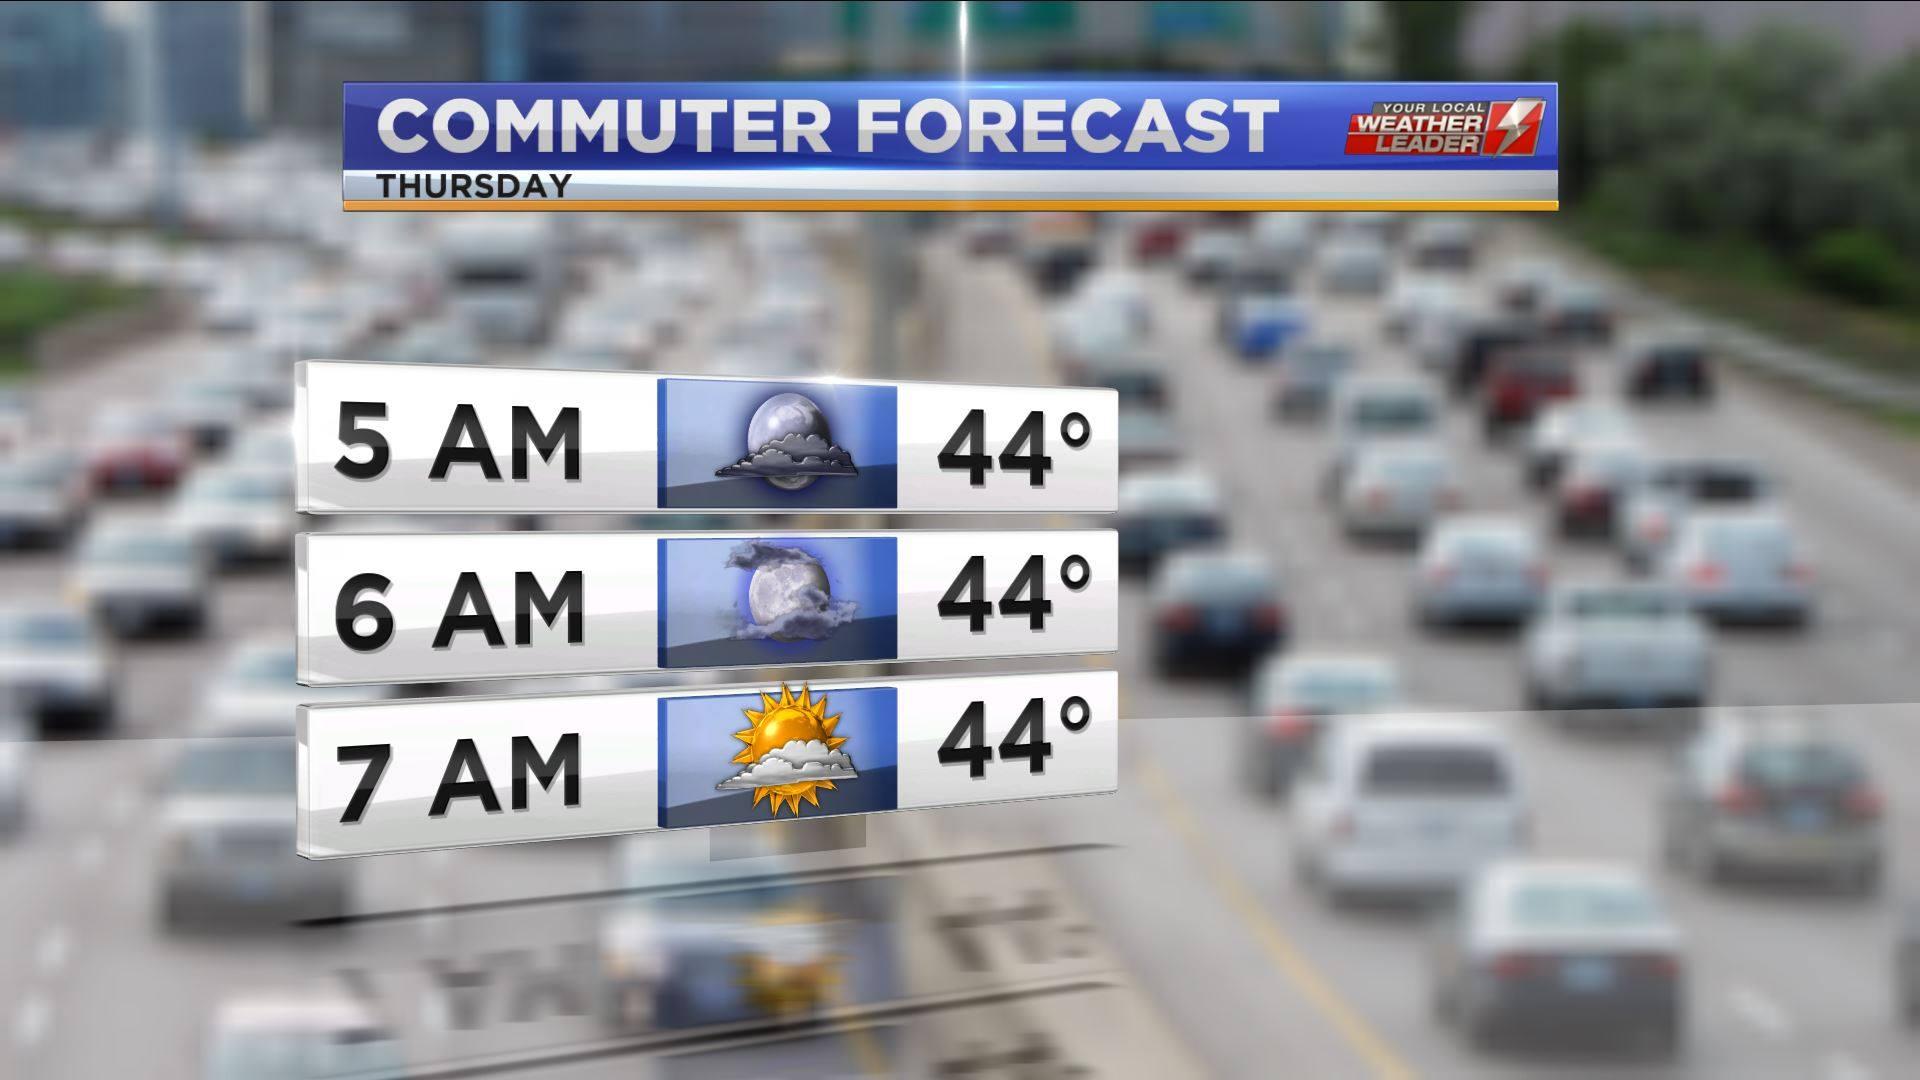 Commuter Forecast for Thursday 11 April 2019